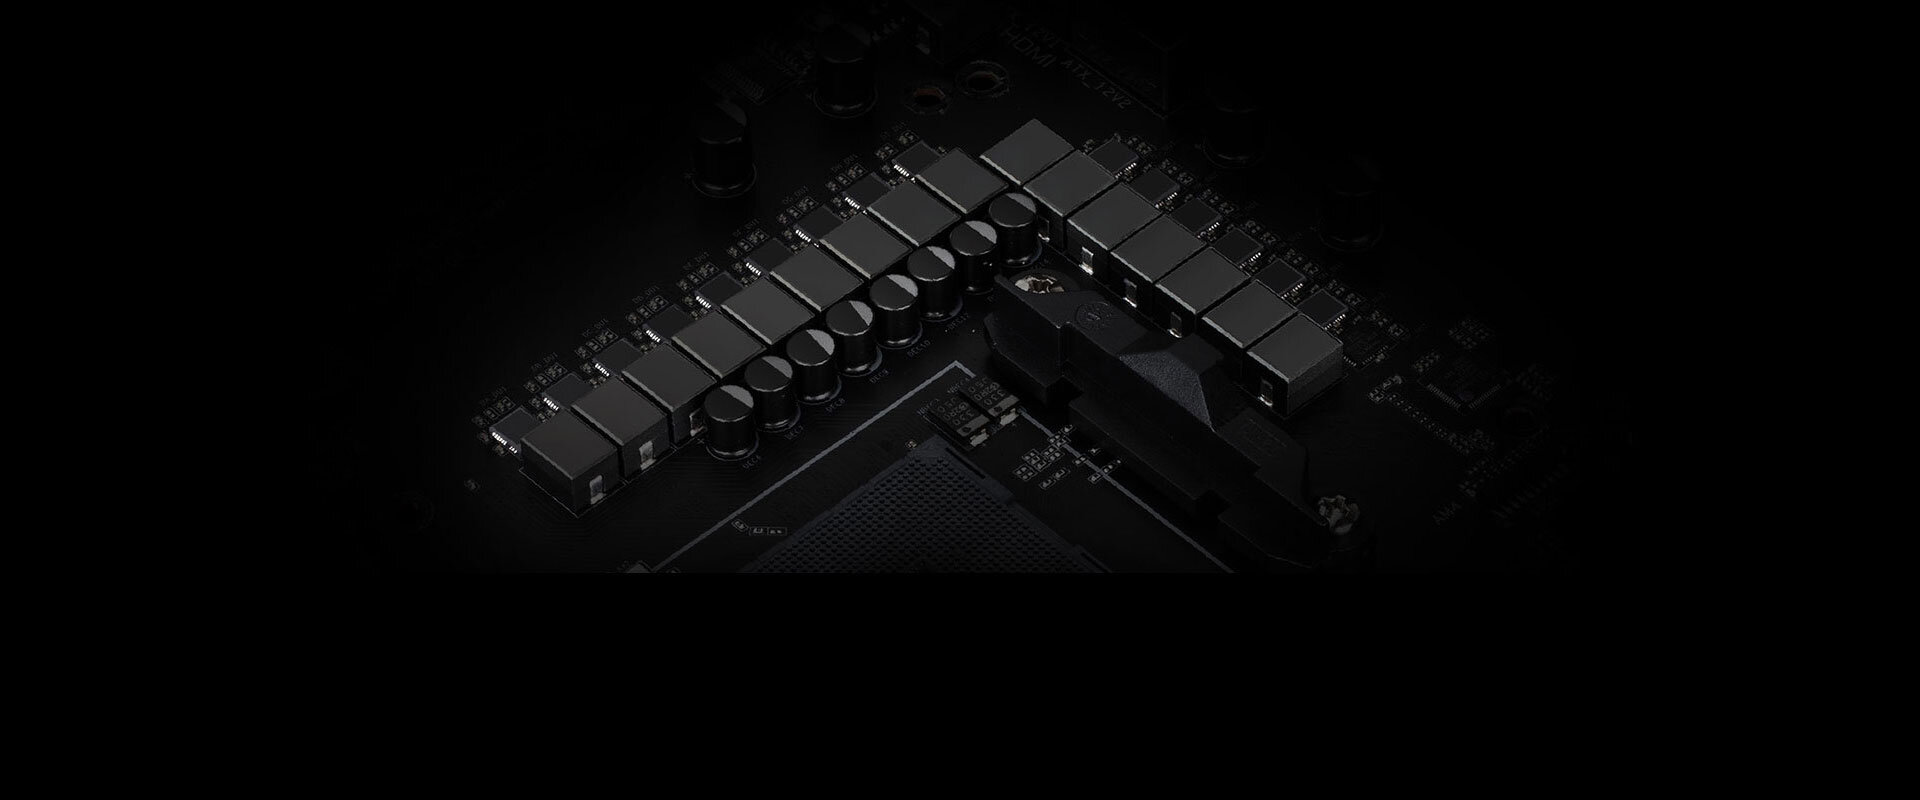 Gigabyte B550 Aorus Master - Power-Design